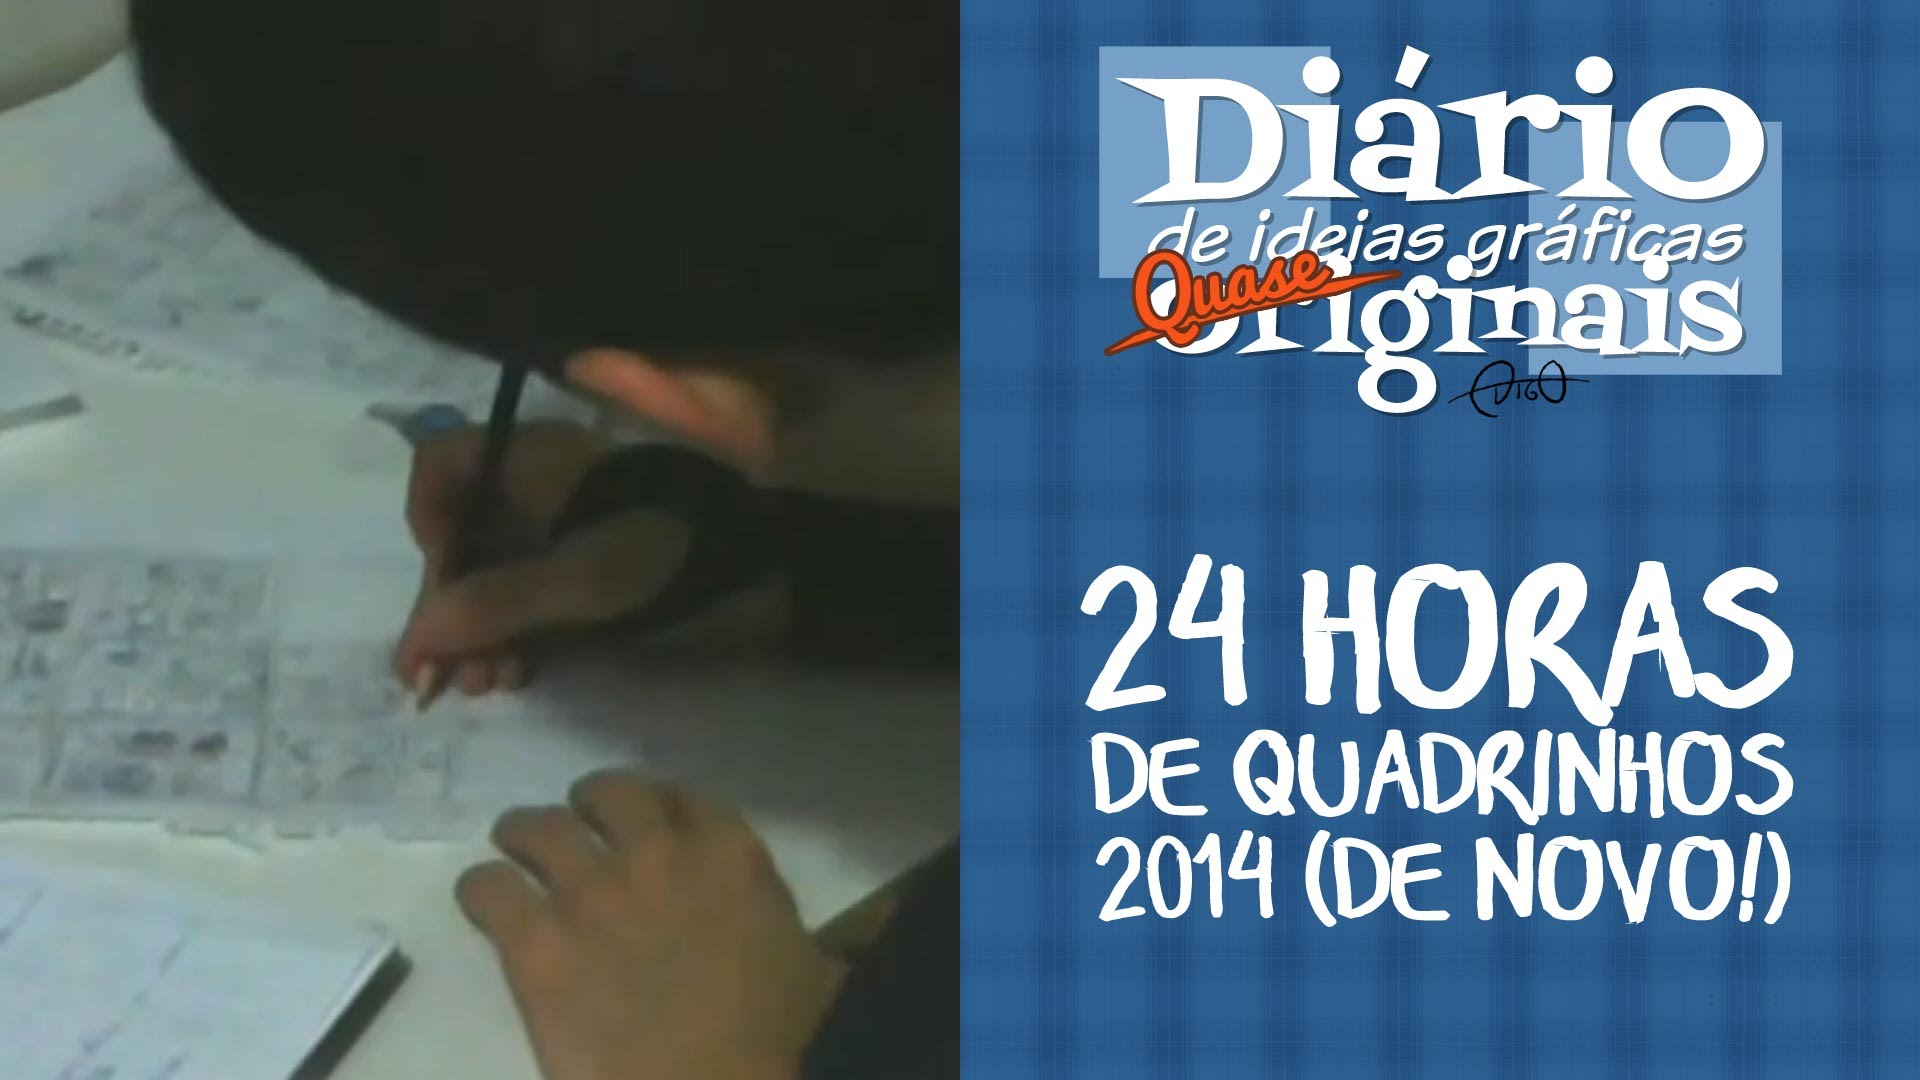 Meu Segundo 24 Horas de Quadrinhos de 2014    ( 24horasdequadrinho, 24hourcomicsday, ao vivo, desenhando, processo, quadrinhos, vídeo)